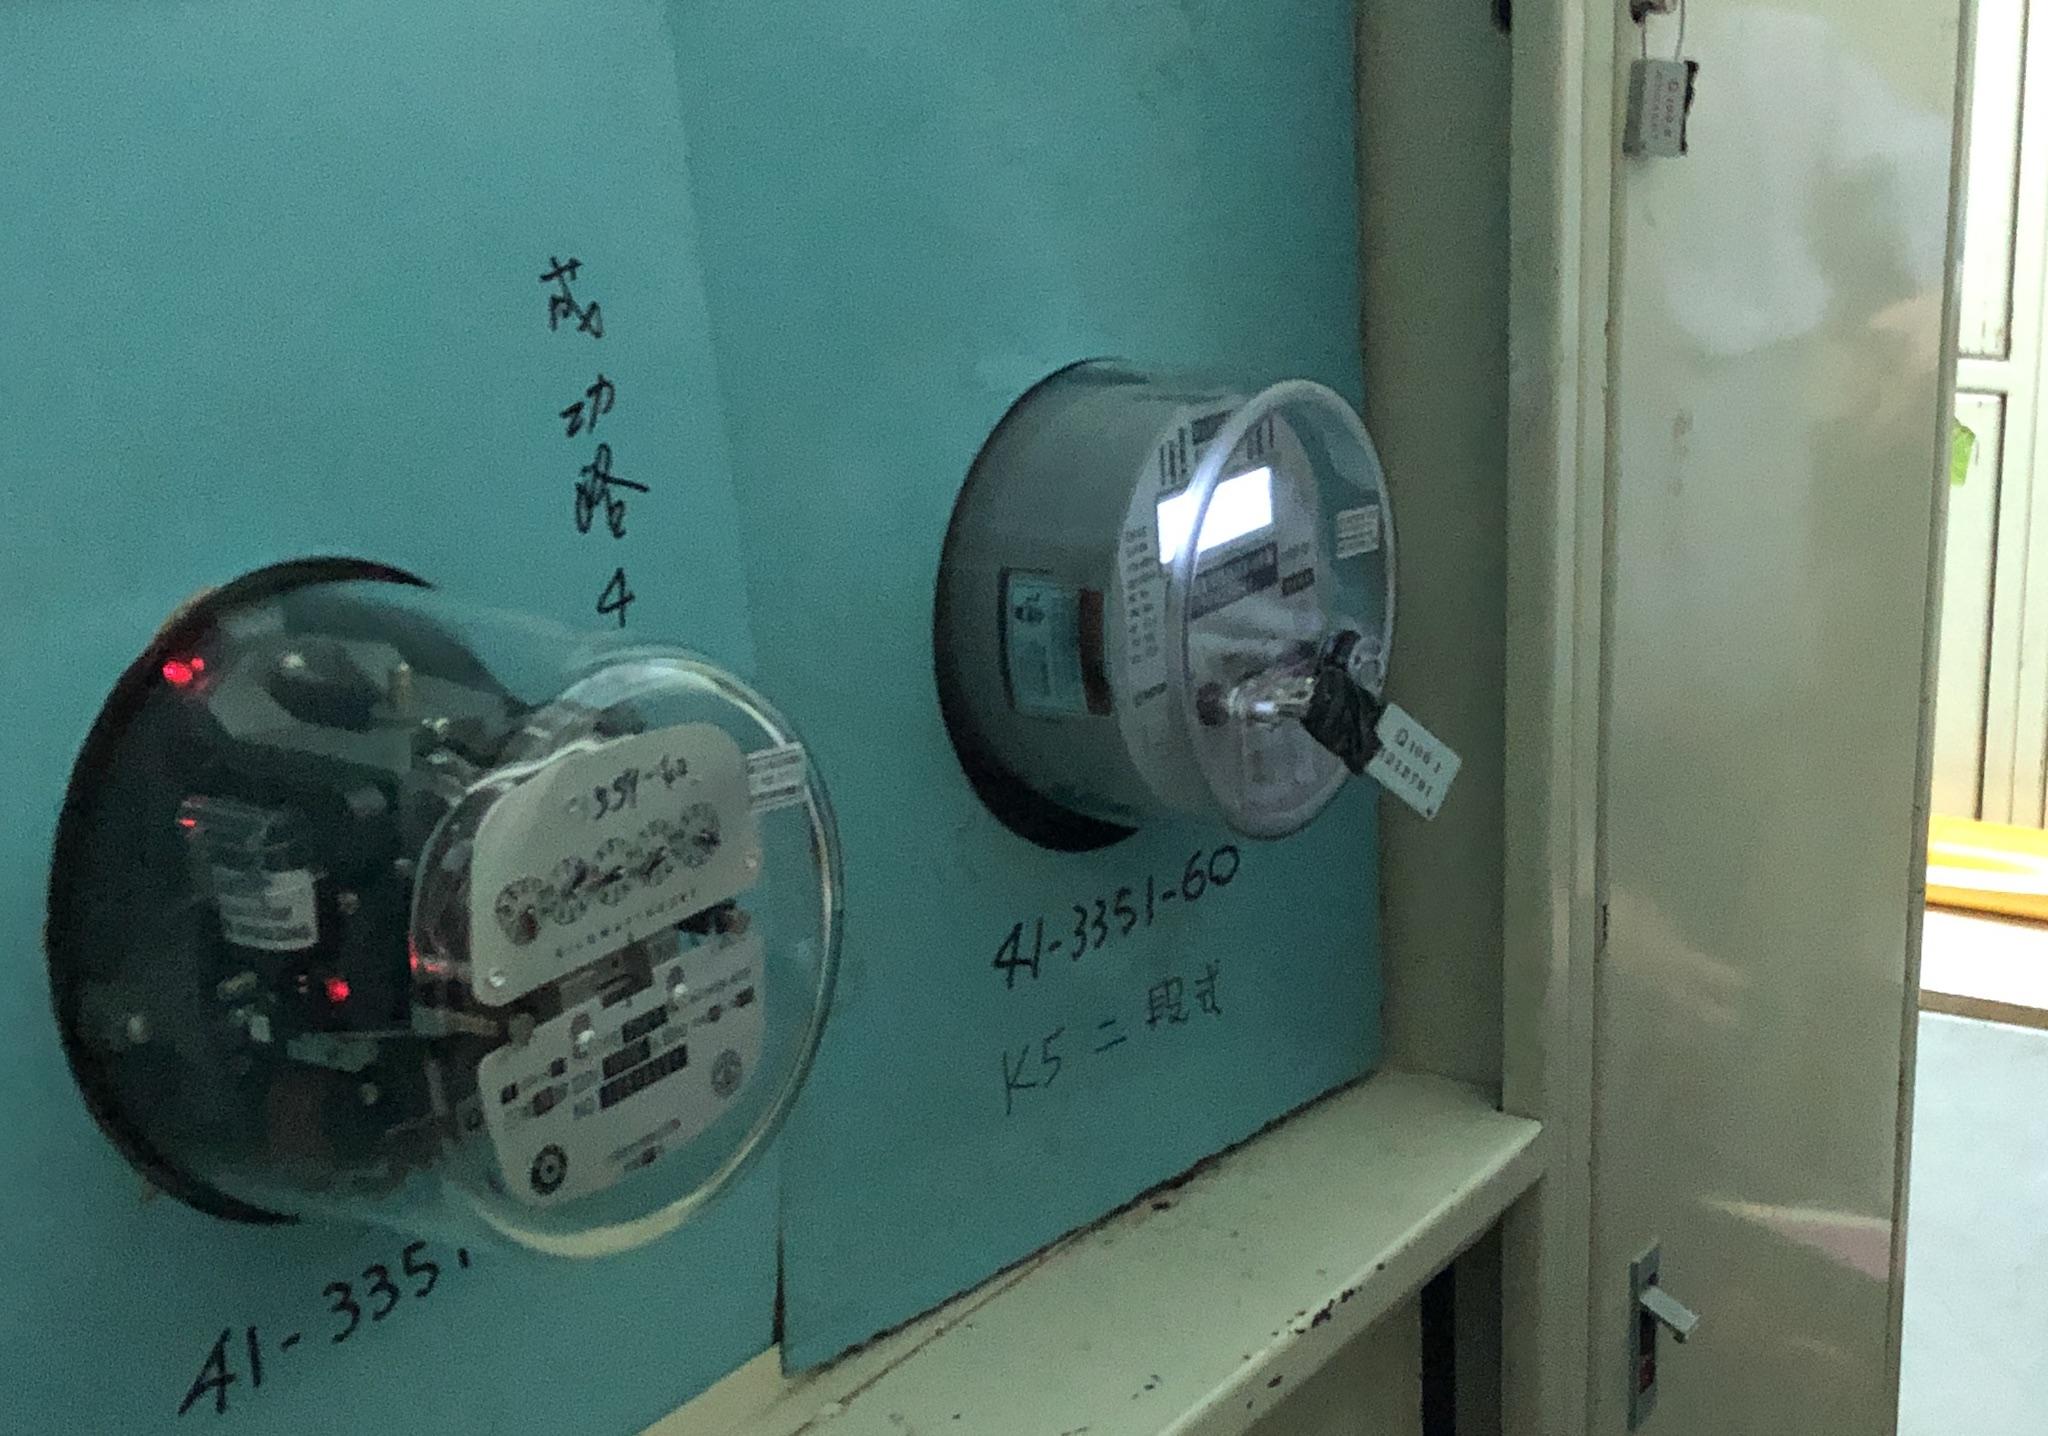 申請時間電價及電錶換裝 - 笨鳥慢飛